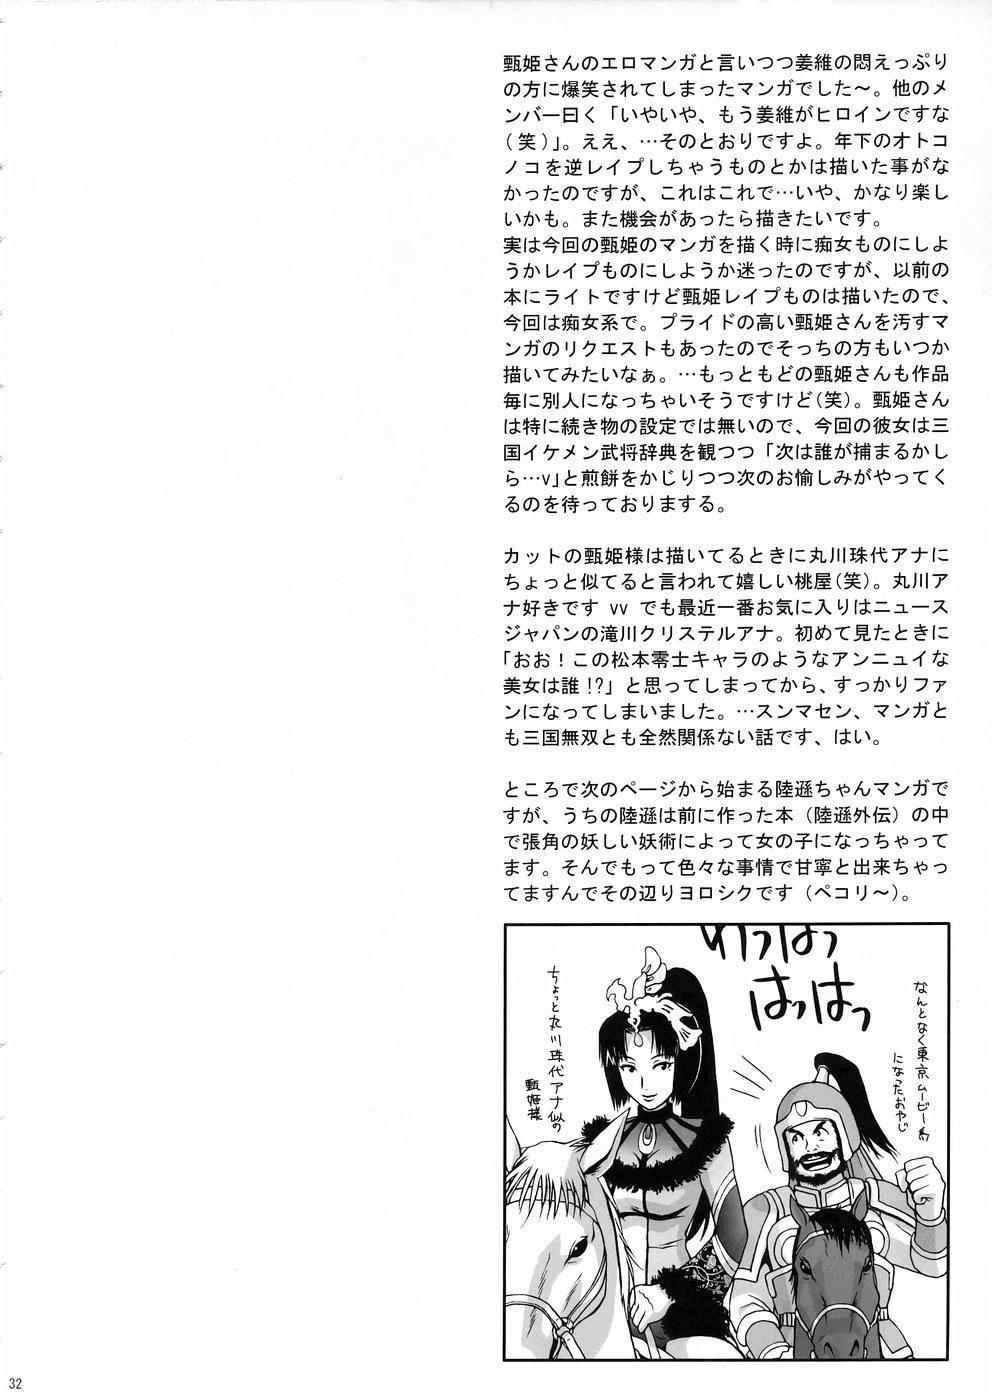 In Sangoku Musou 3 29